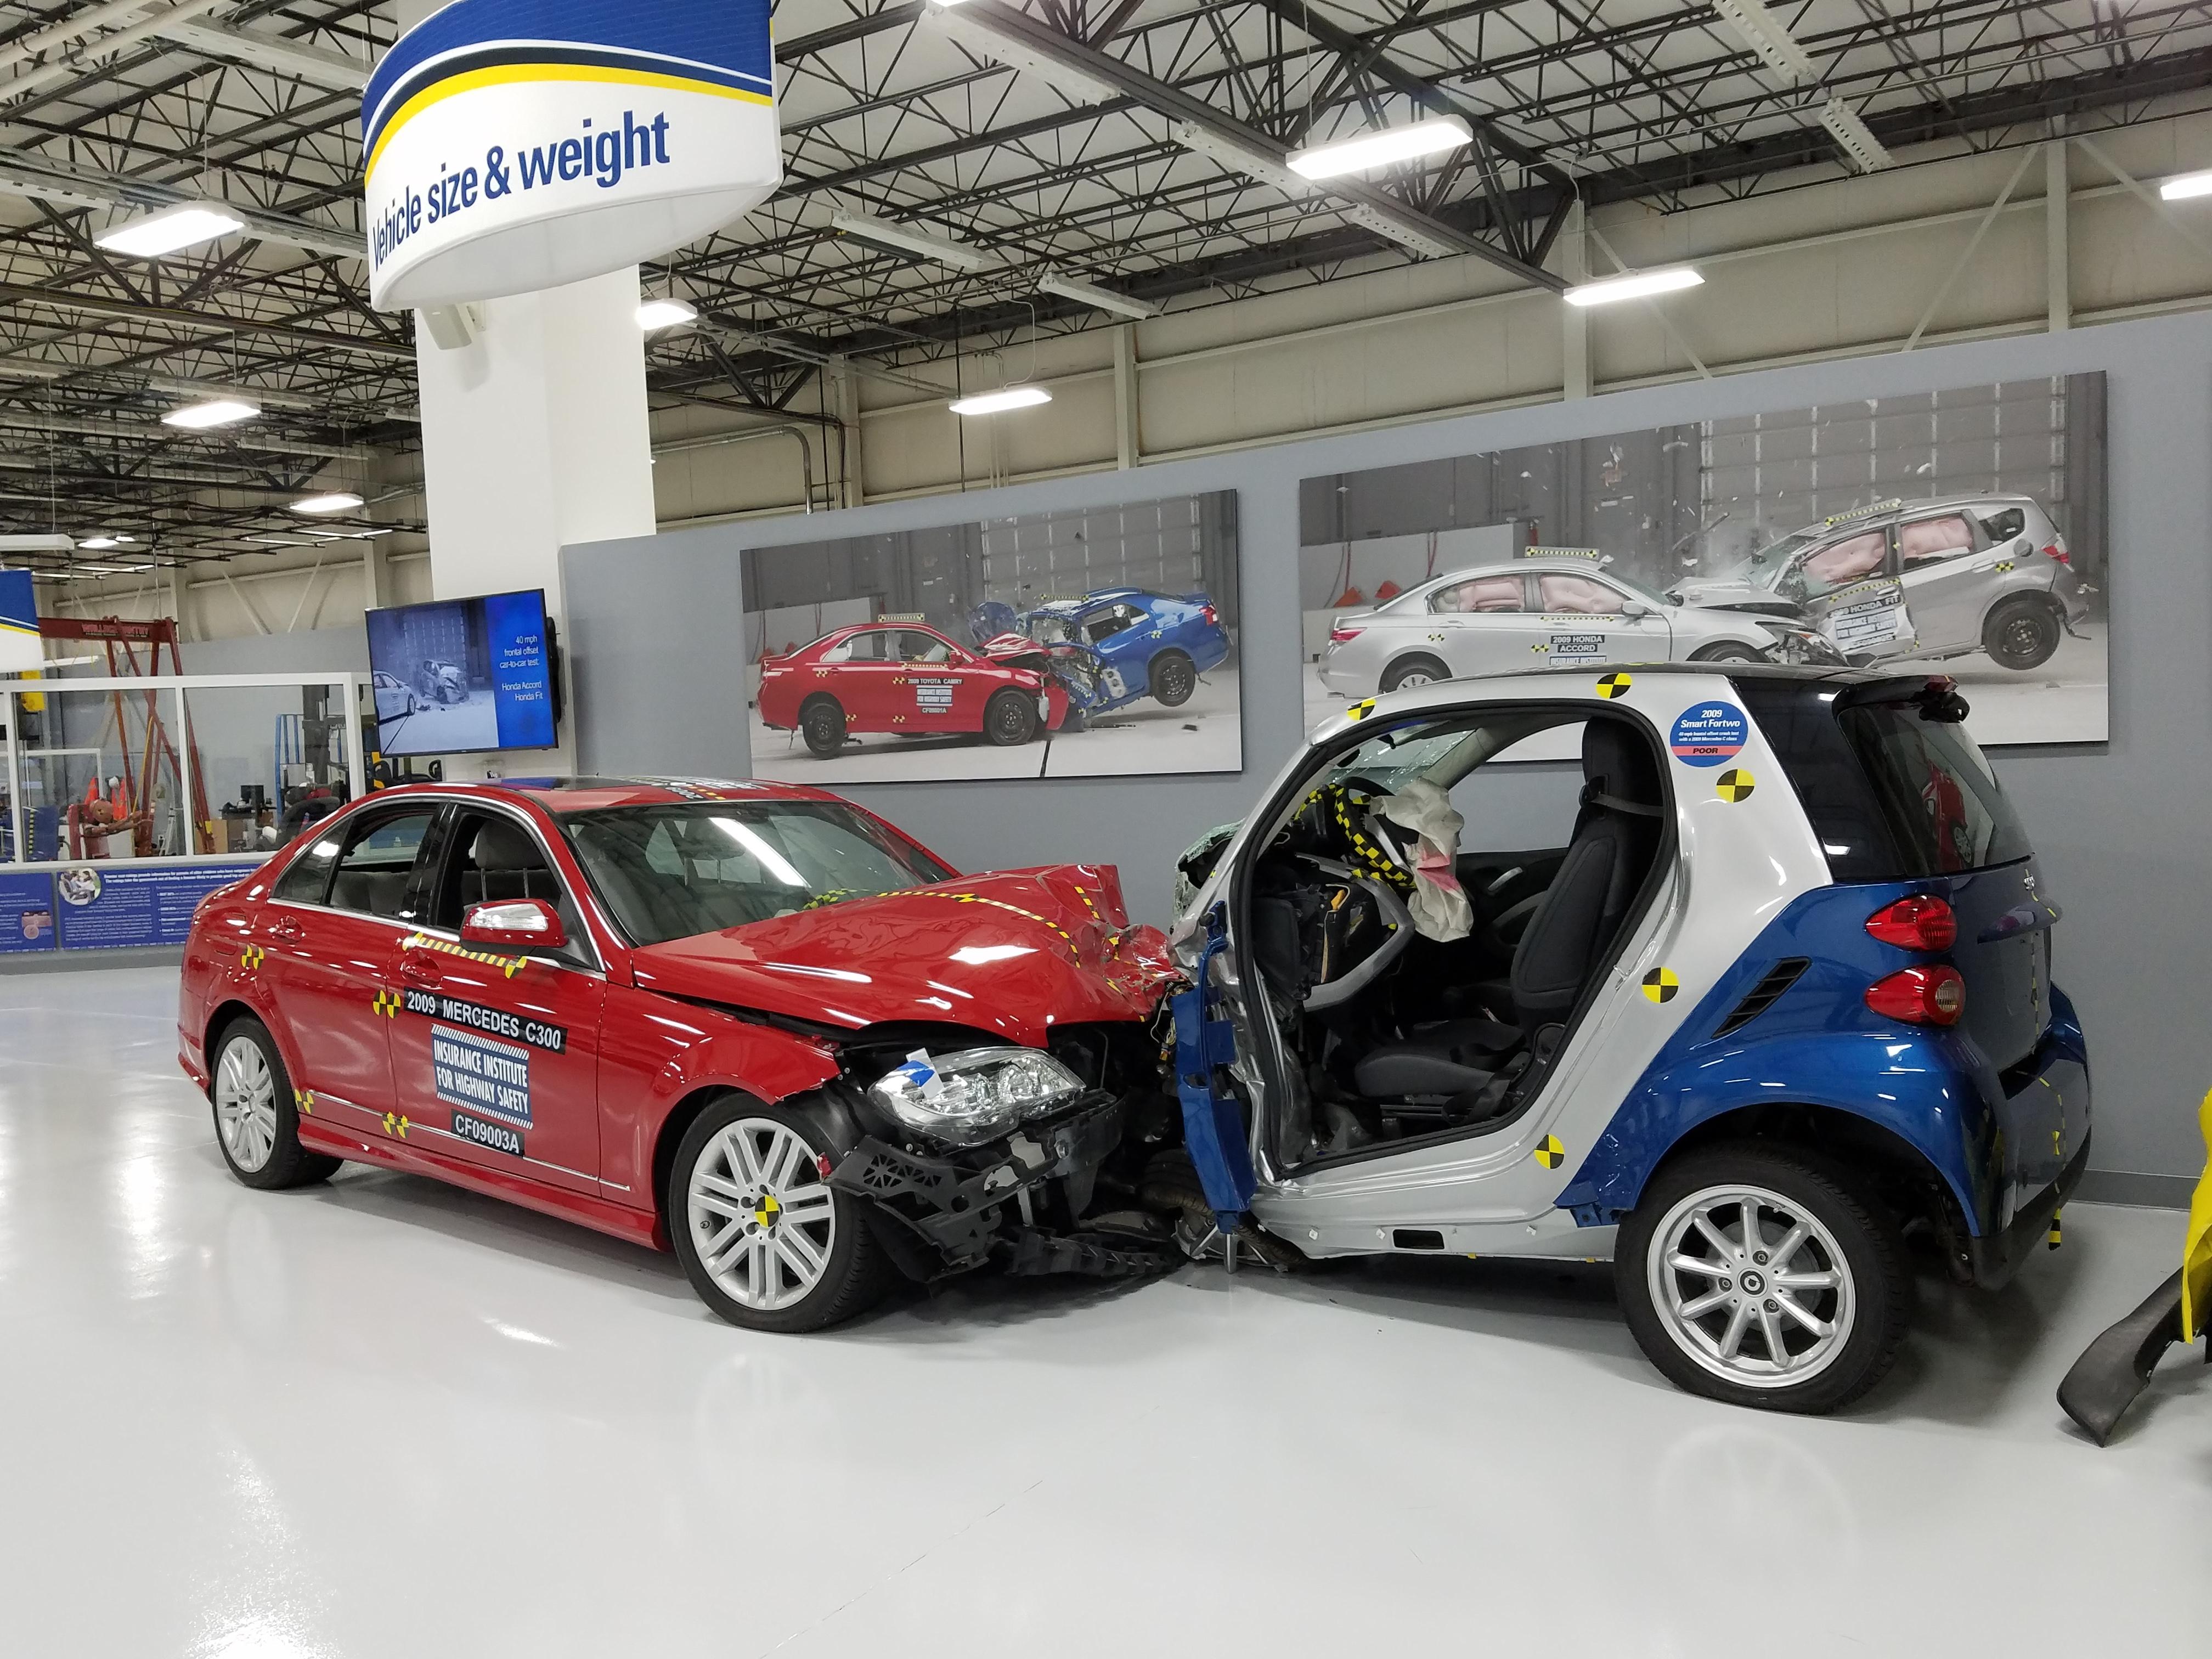 Mercedes Benz and Smart Car crash test